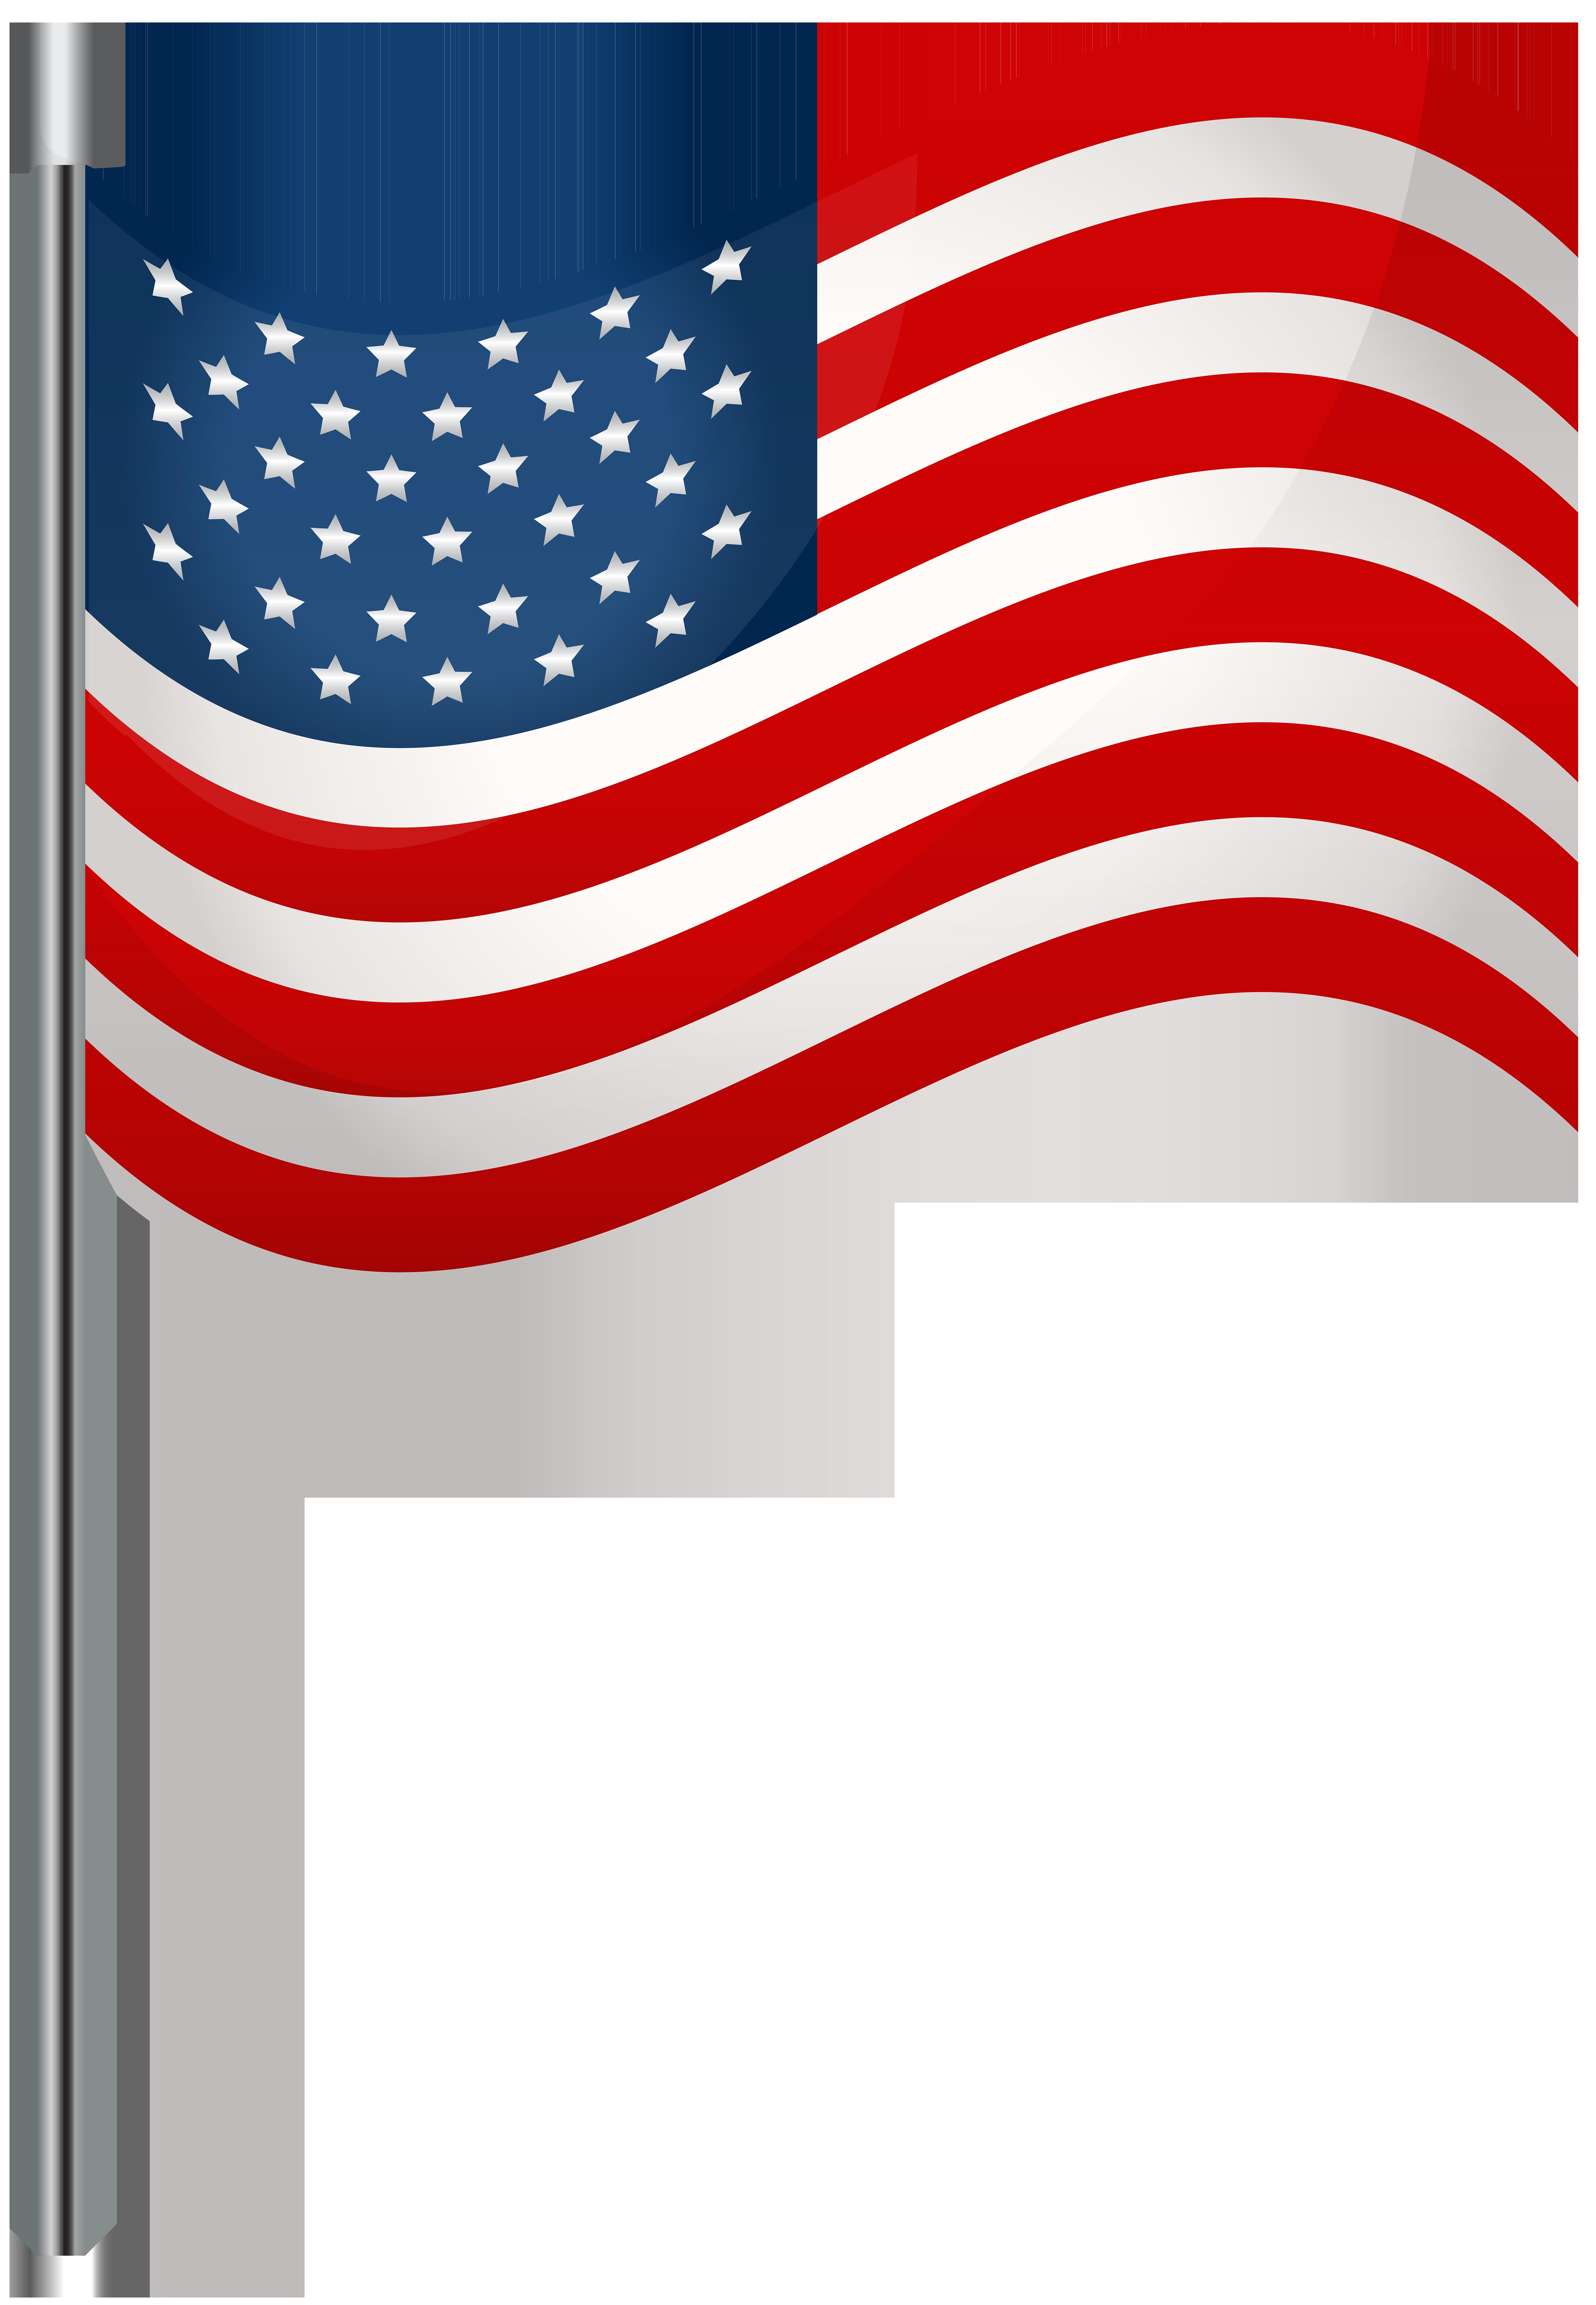 Usa waving flag.